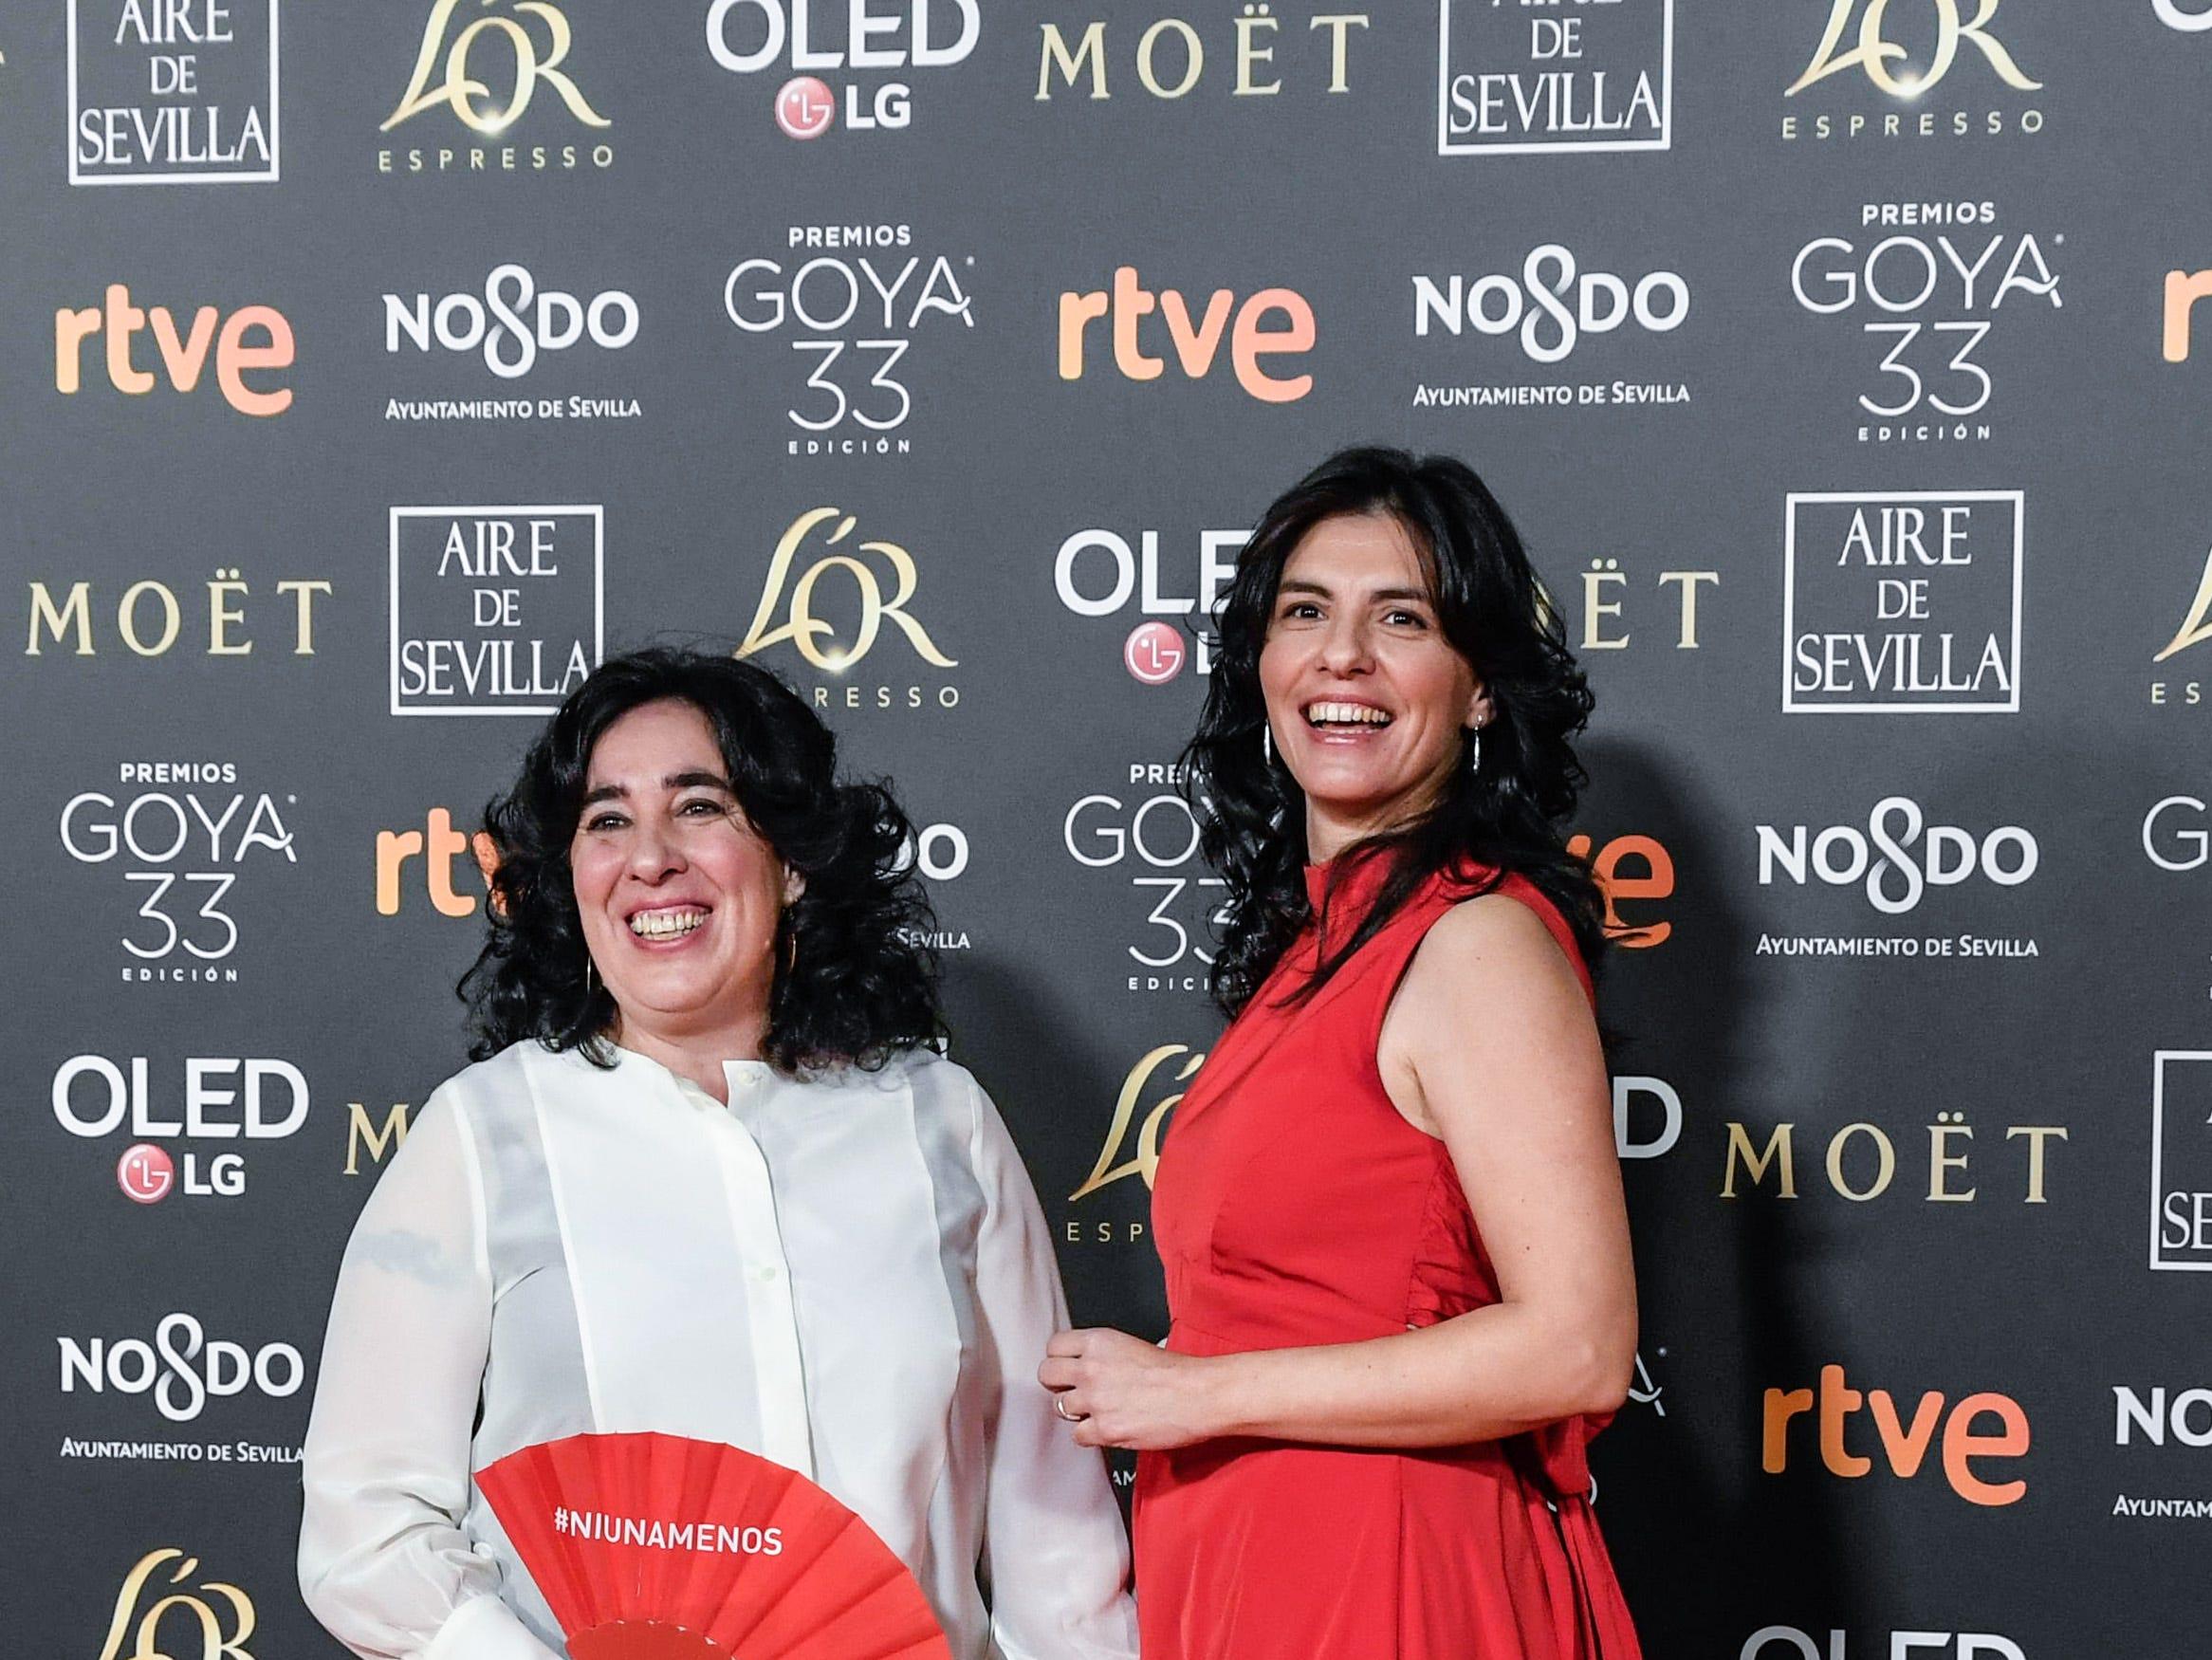 Arantxa Echevarria y Carolina Yuste asisten a la 33ª edición de los Premios de Cine Goya en el Palacio de Congresos y Exposiciones FIBES el 2 de febrero de 2019 en Sevilla, España.